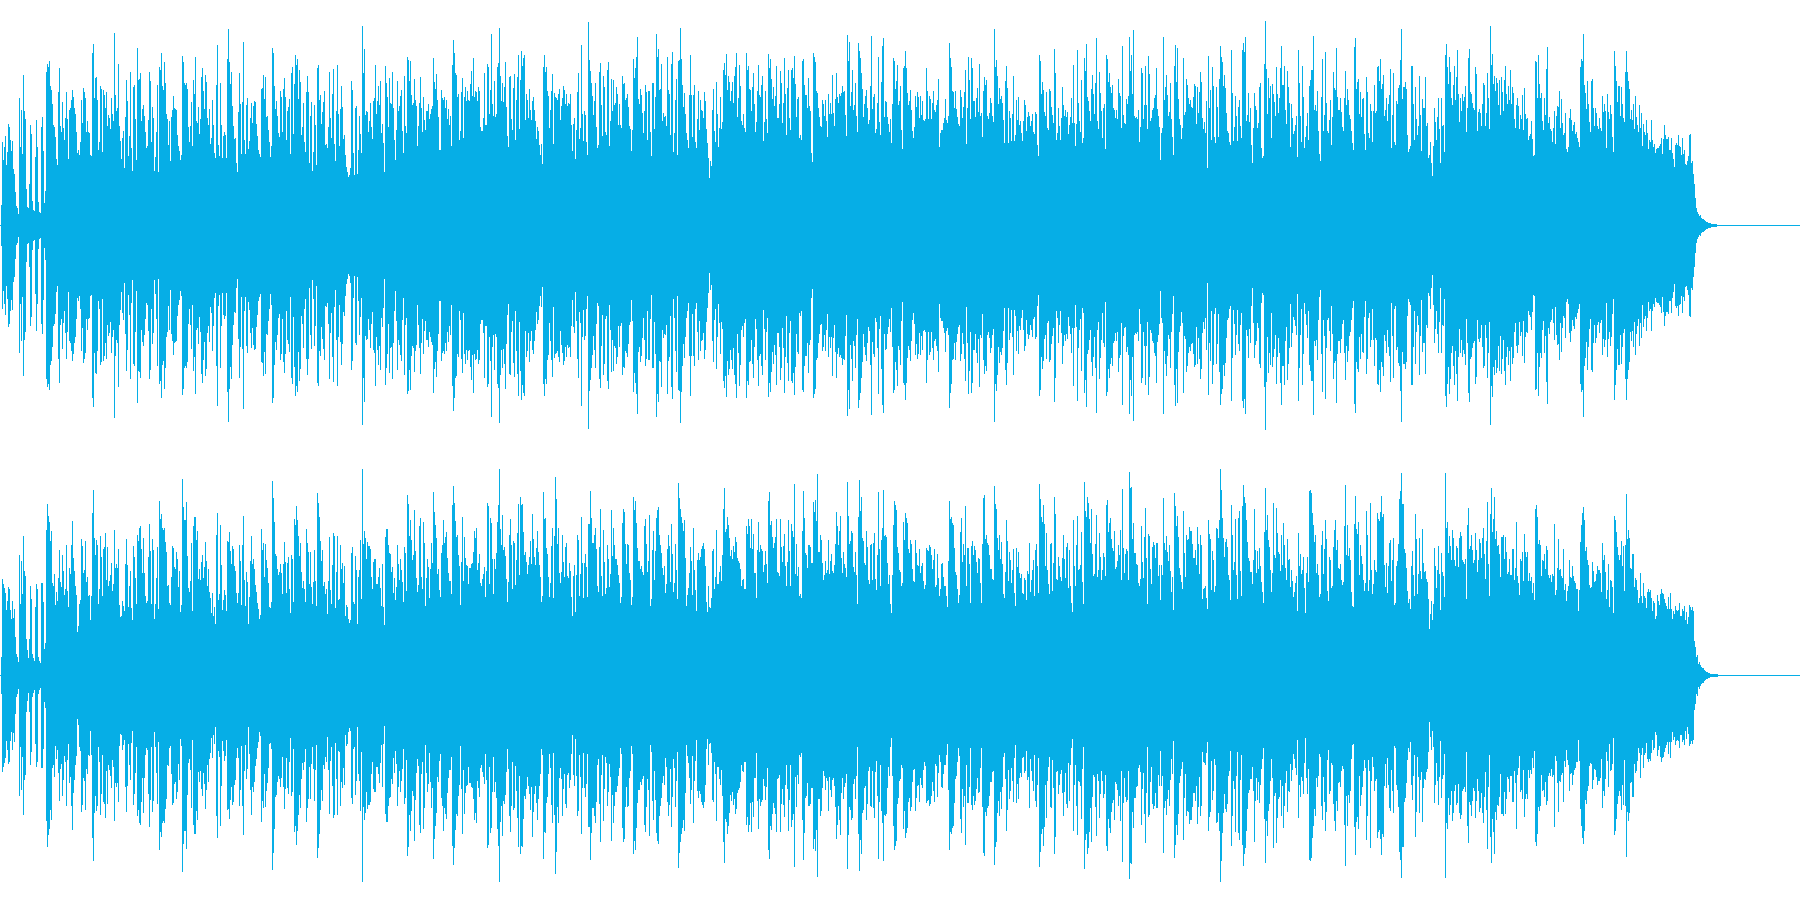 感動のフィナーレを迎えるファンファーレの再生済みの波形